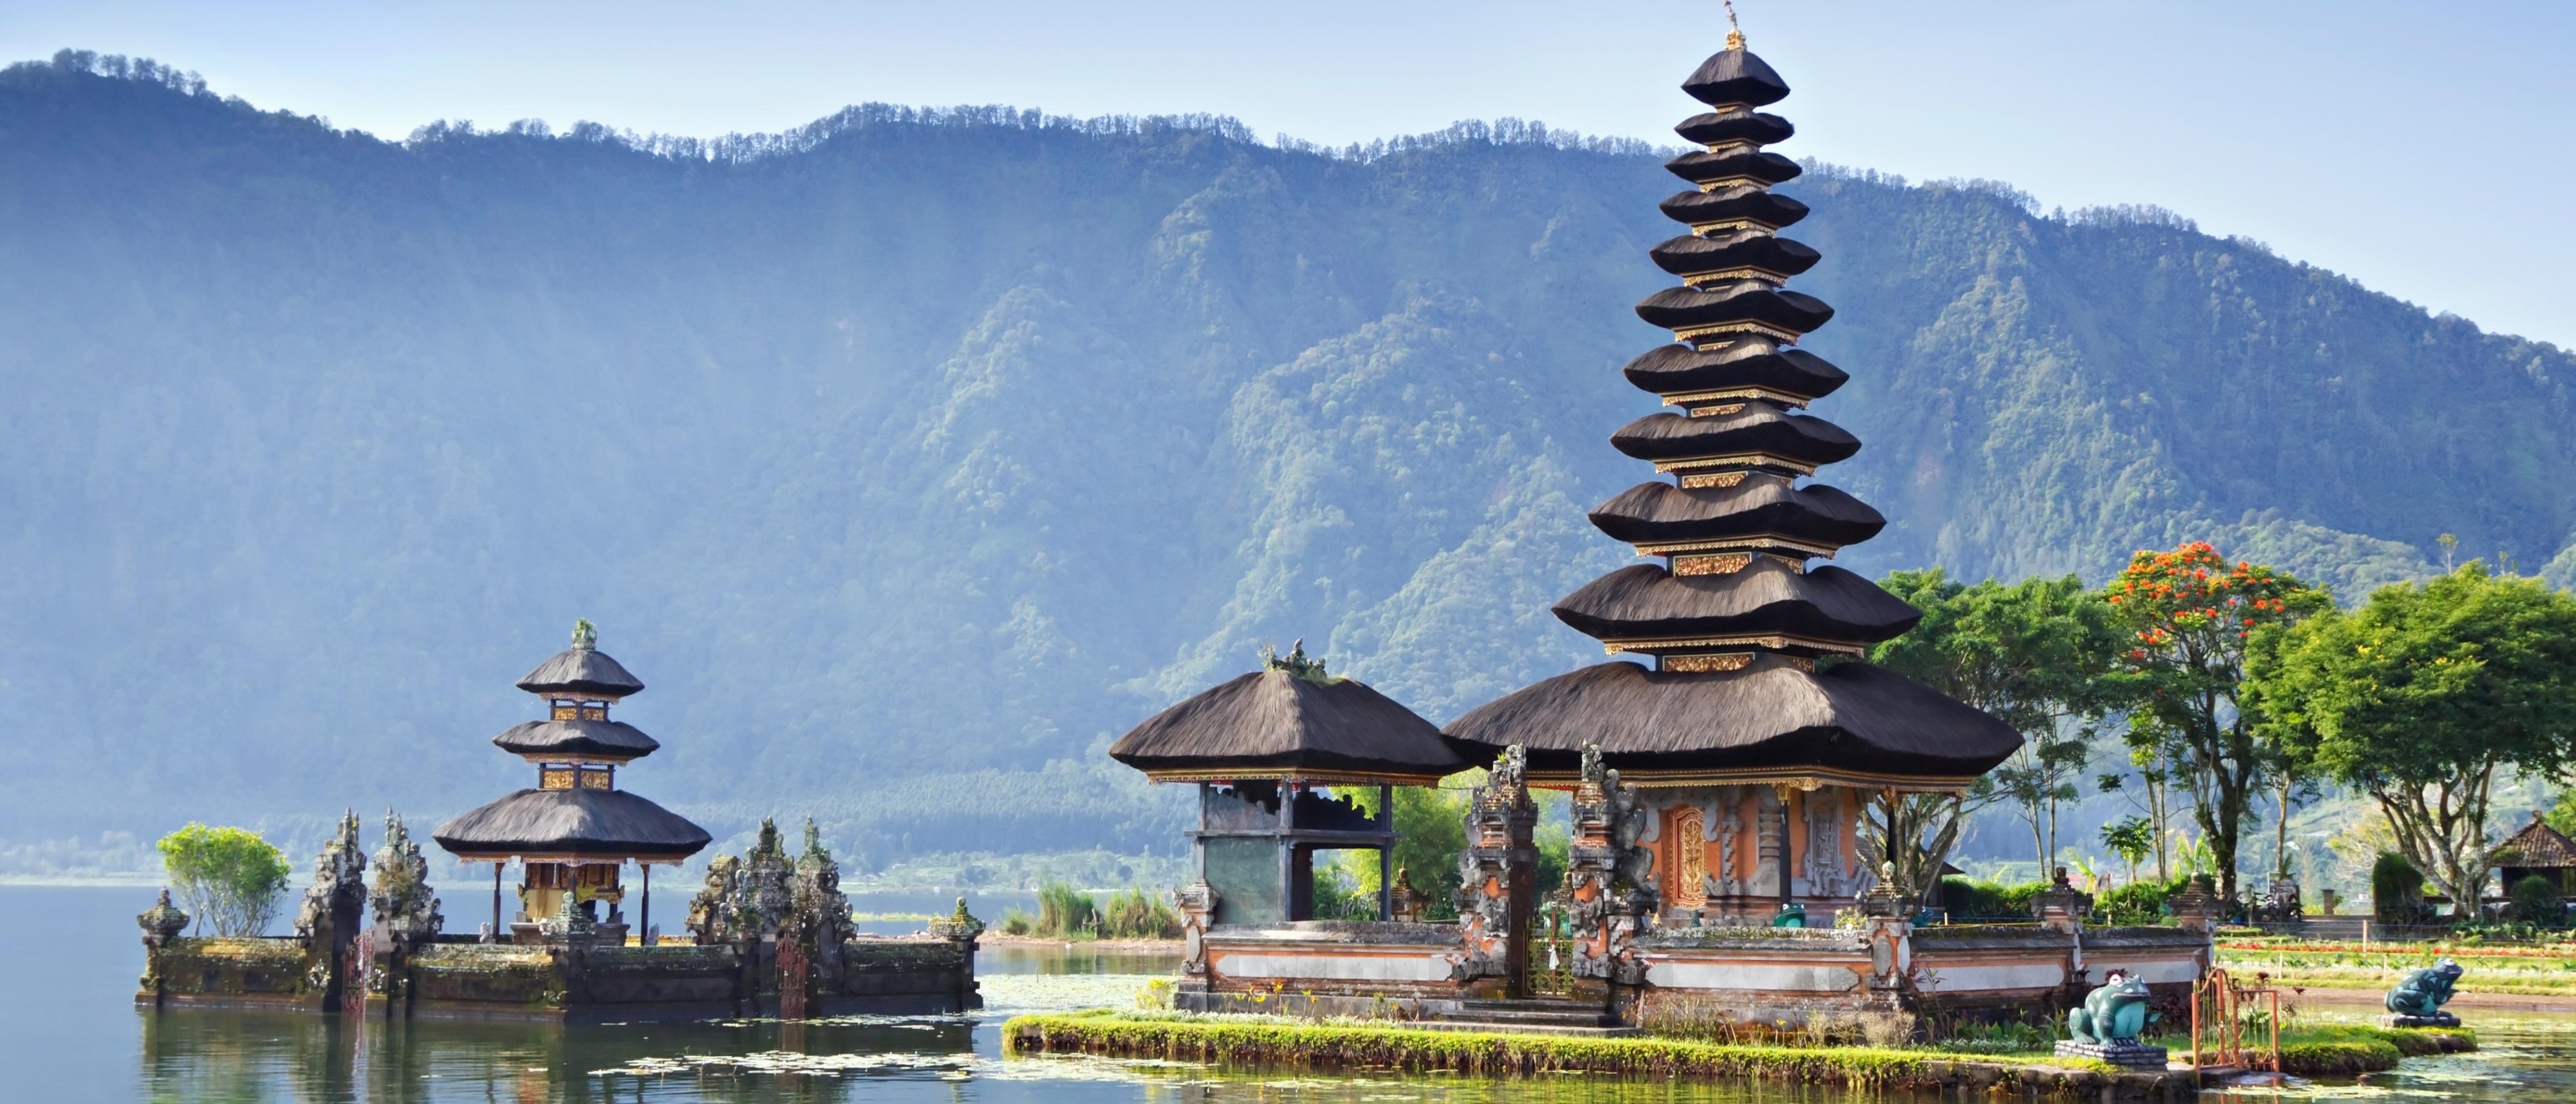 معابد بالی اندونزی